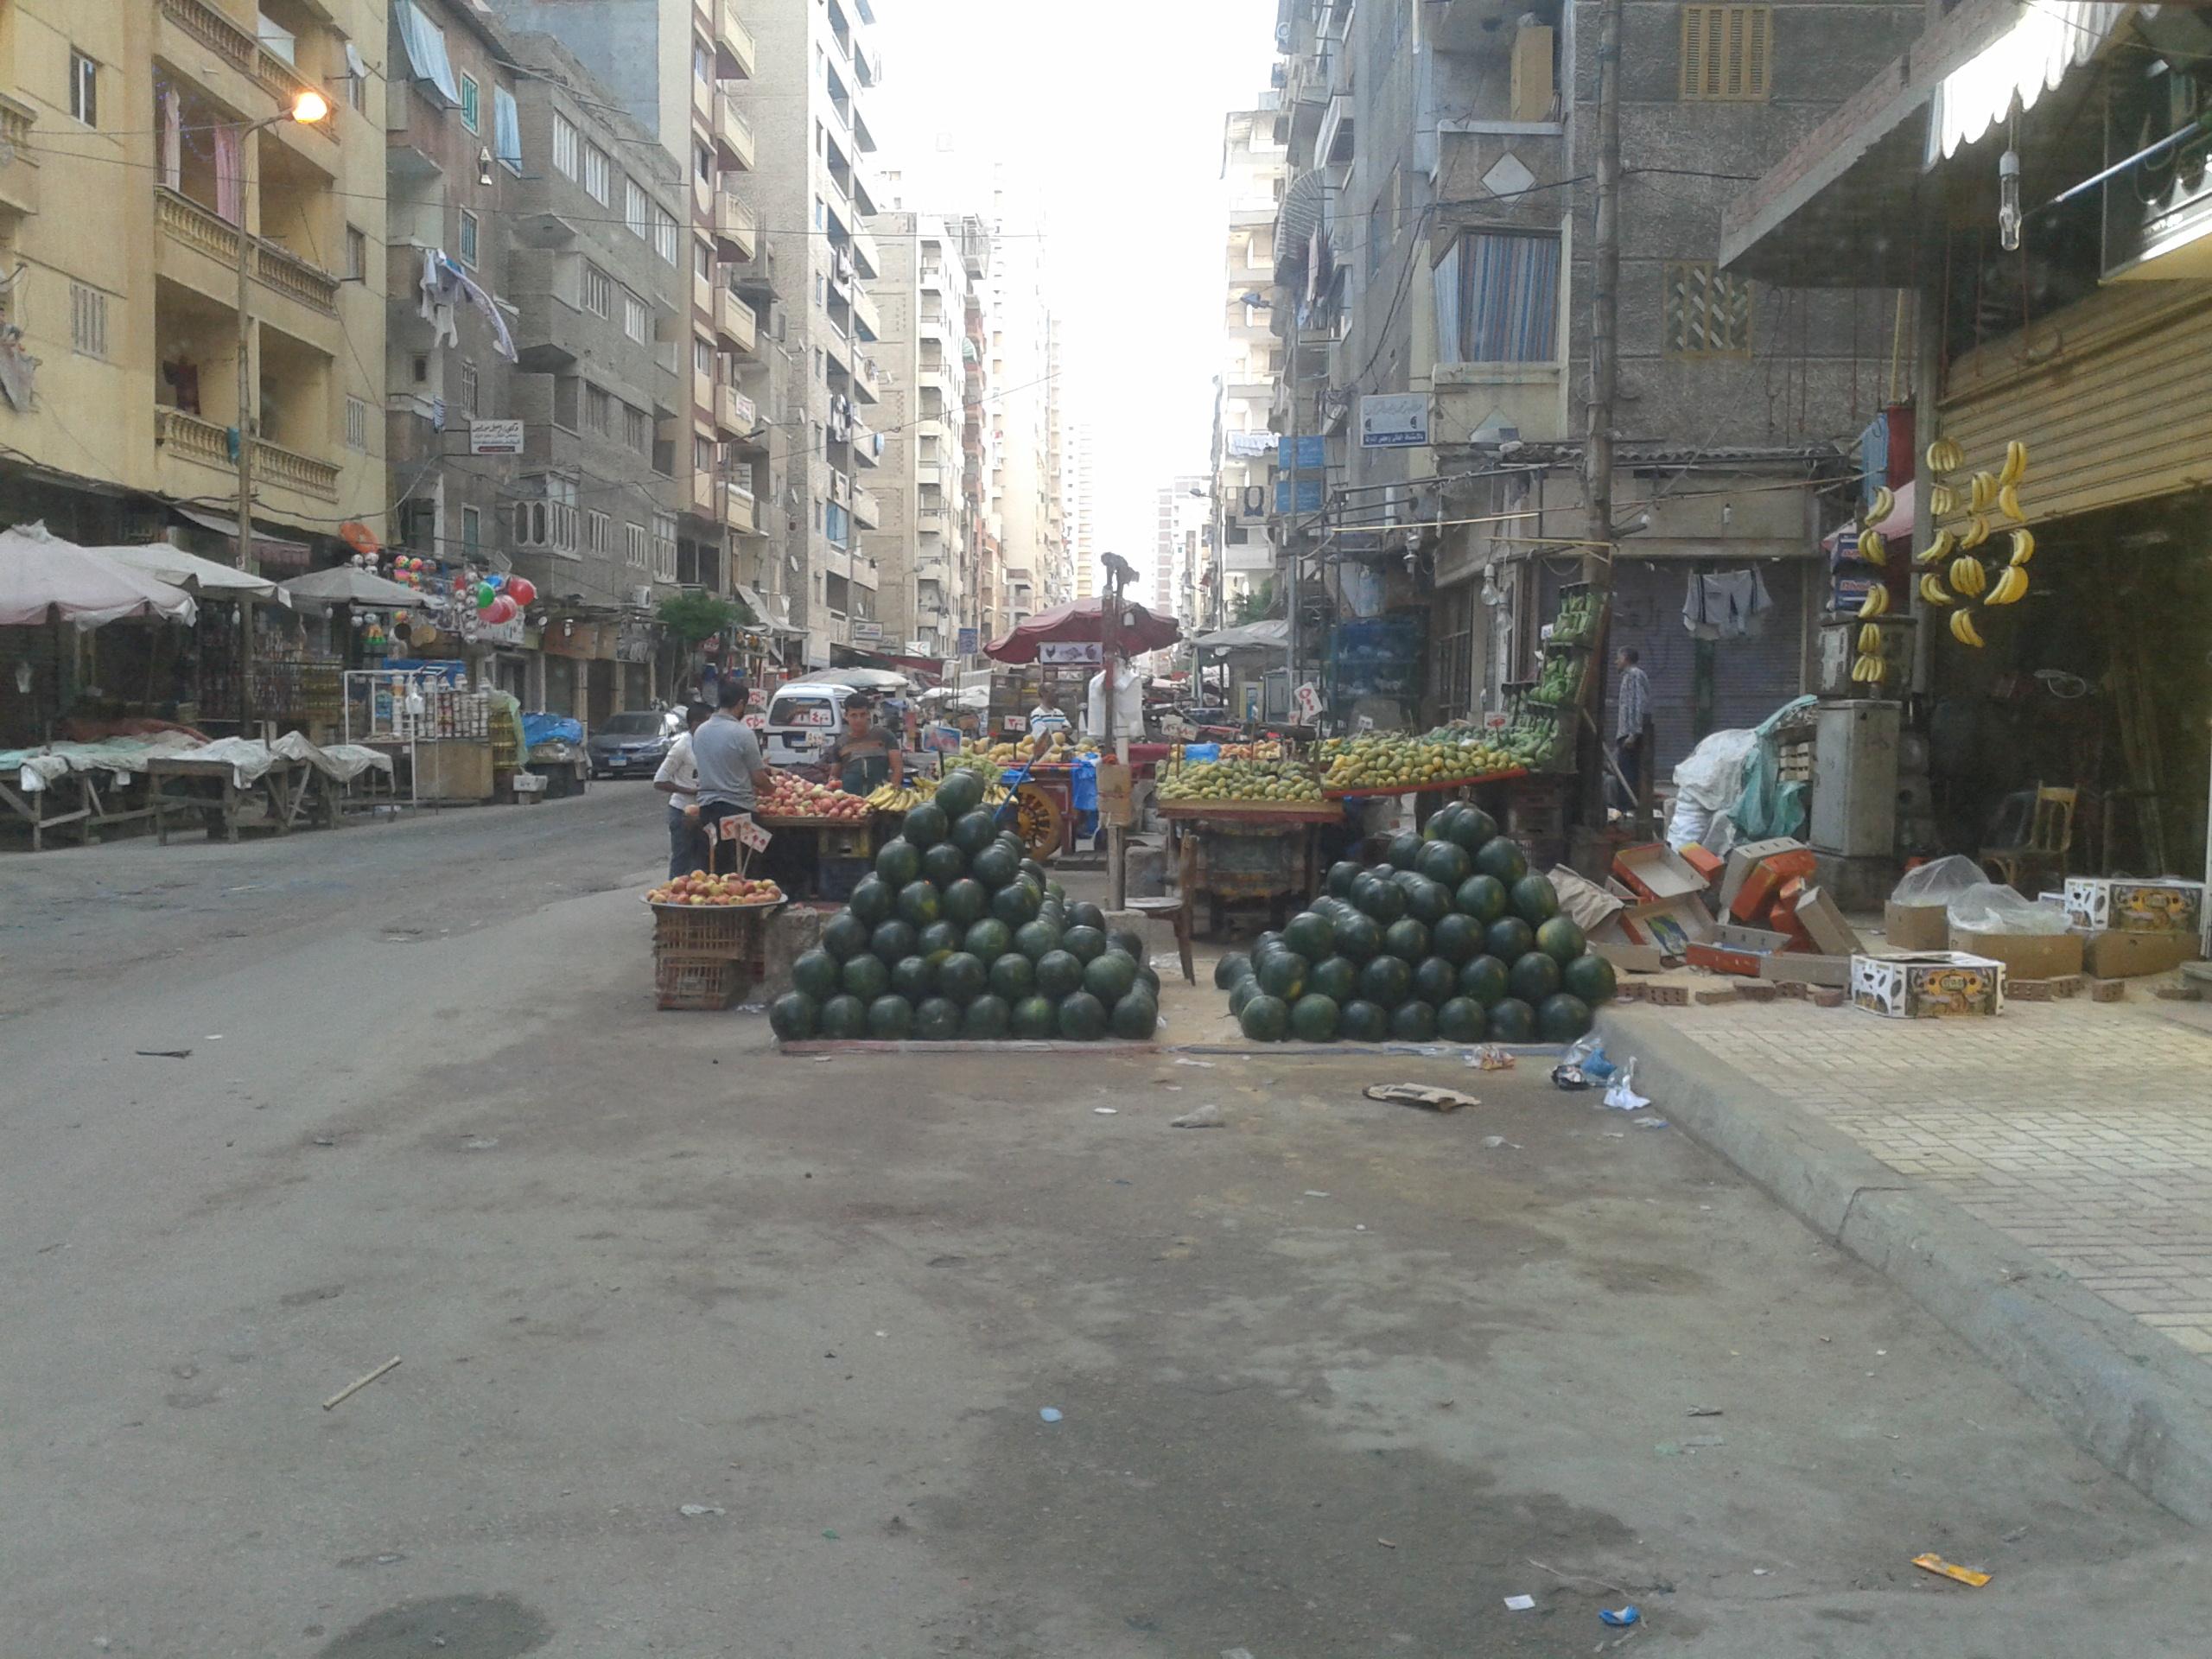 شارع القاهرة بسيدي بشر في الإسكندرية (صورة حسام مصطفى)